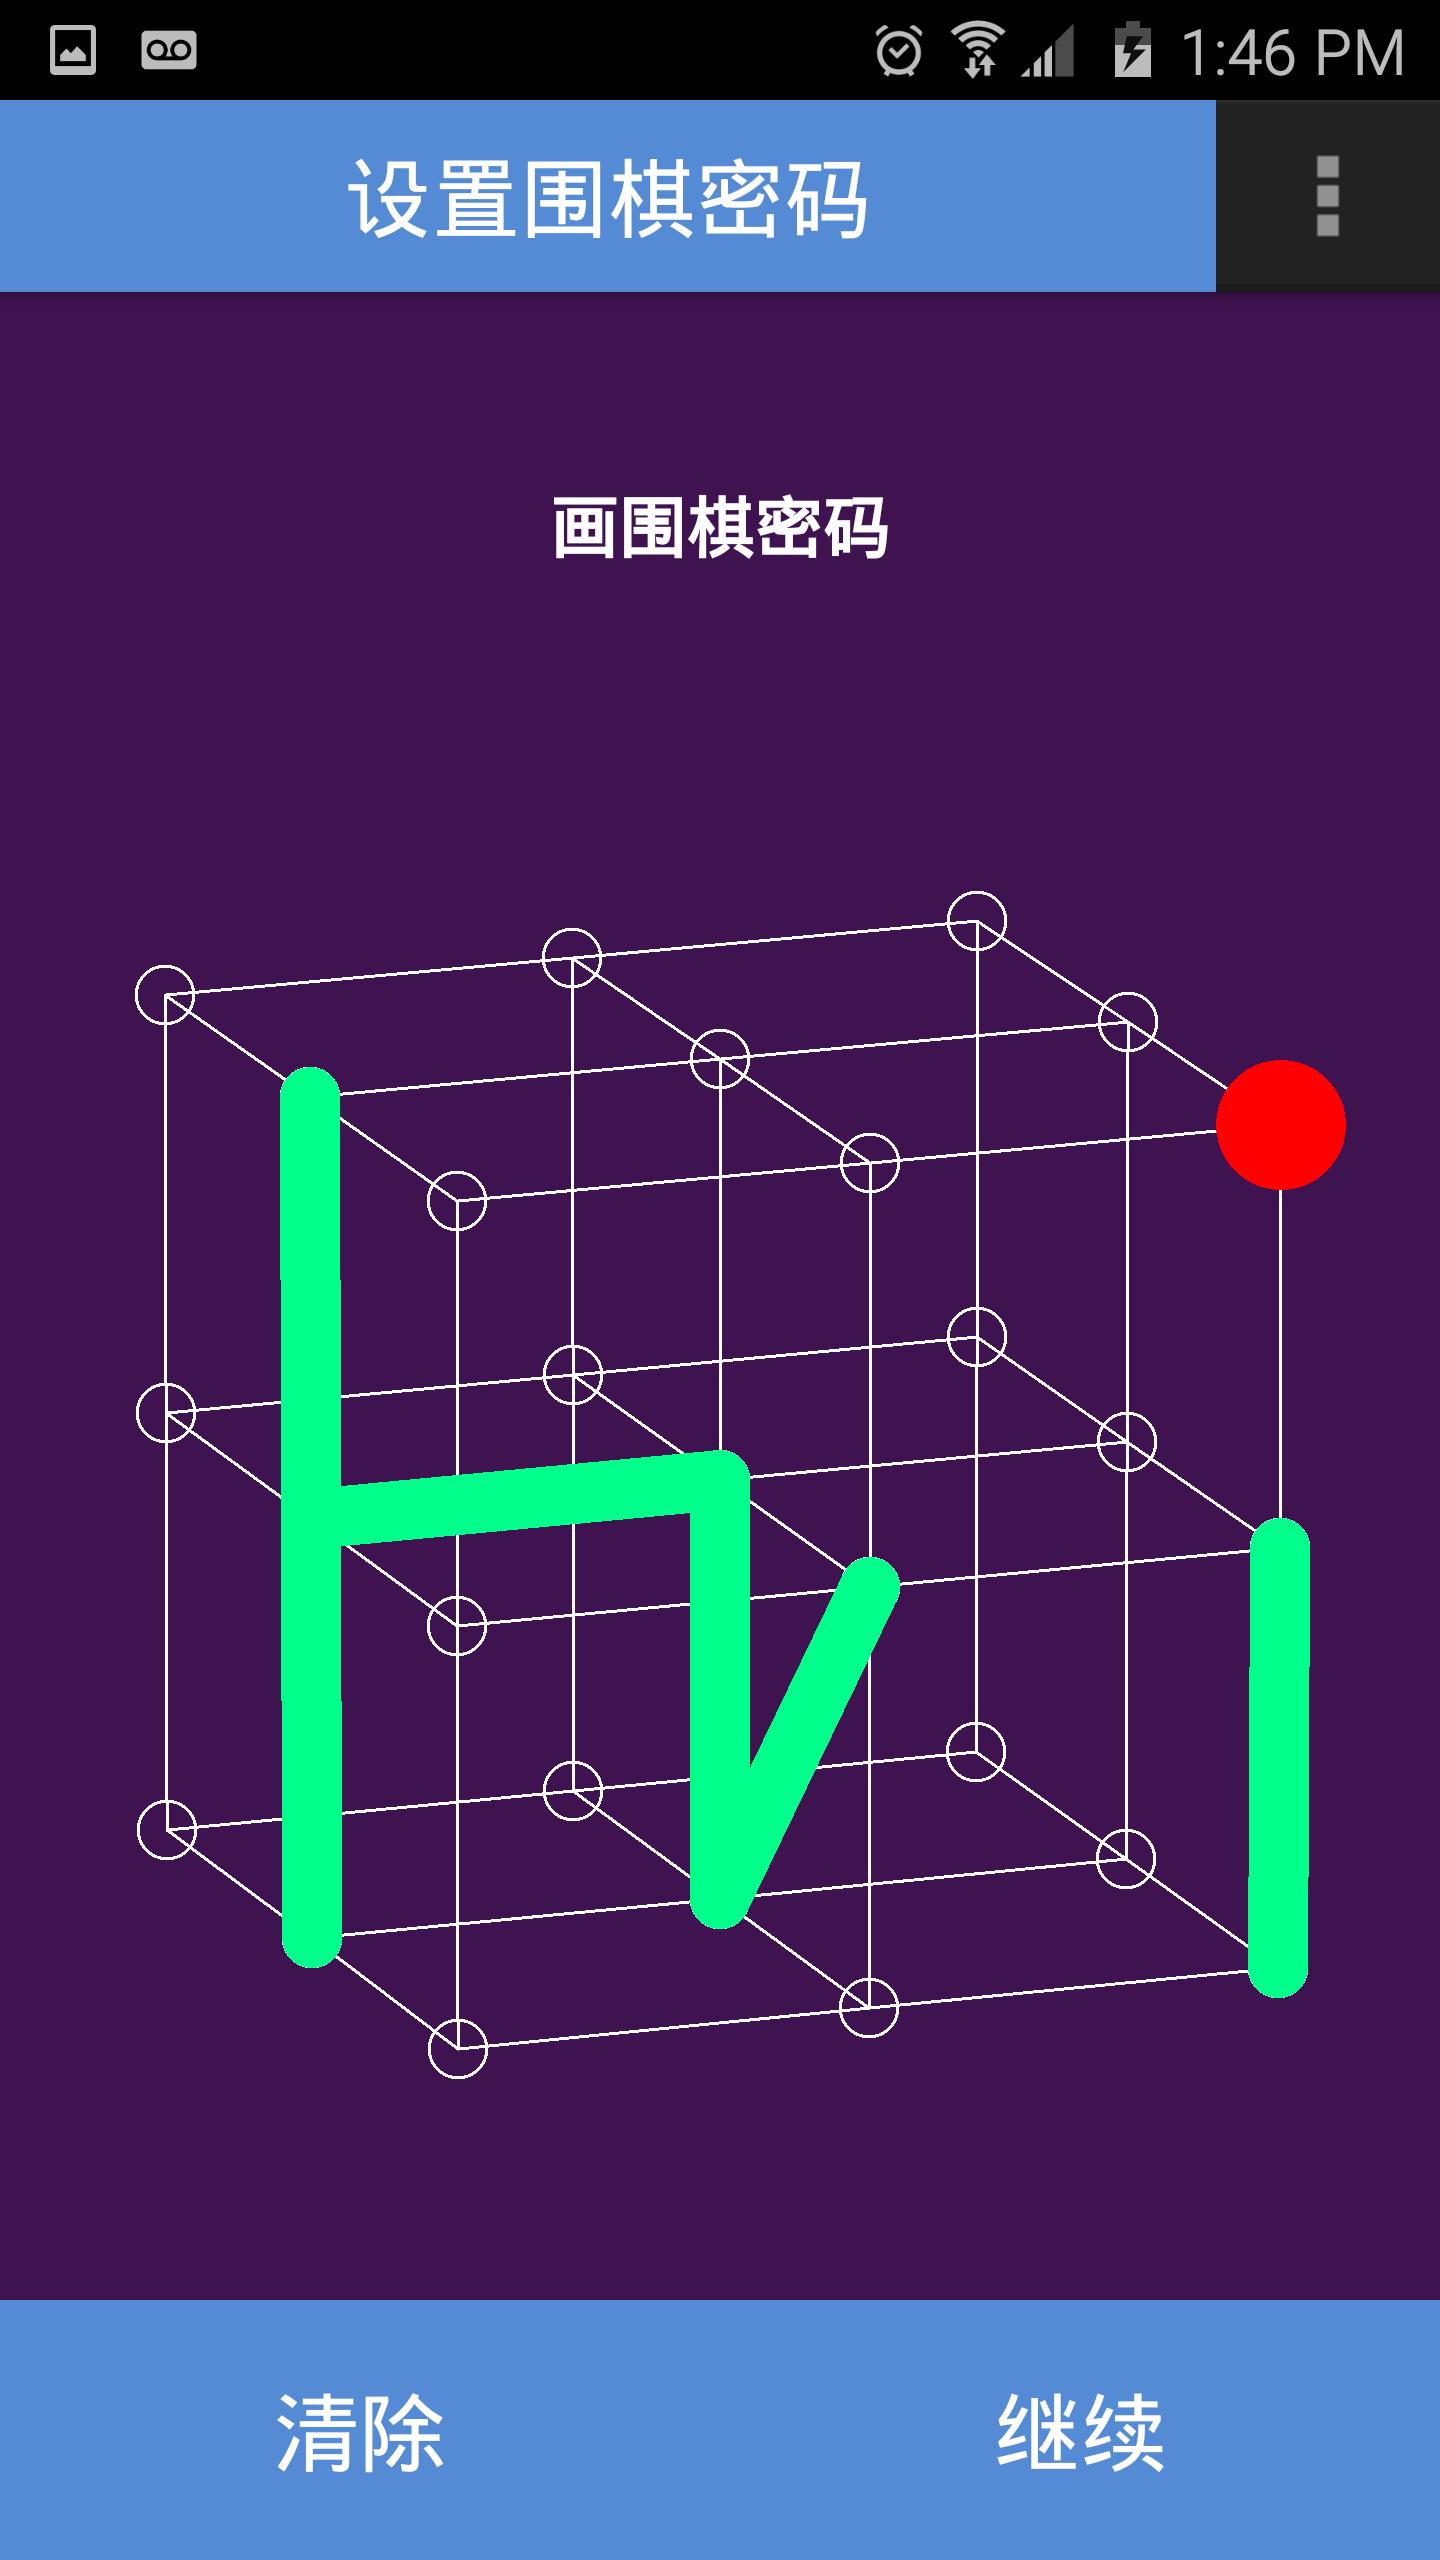 3D 围棋密码